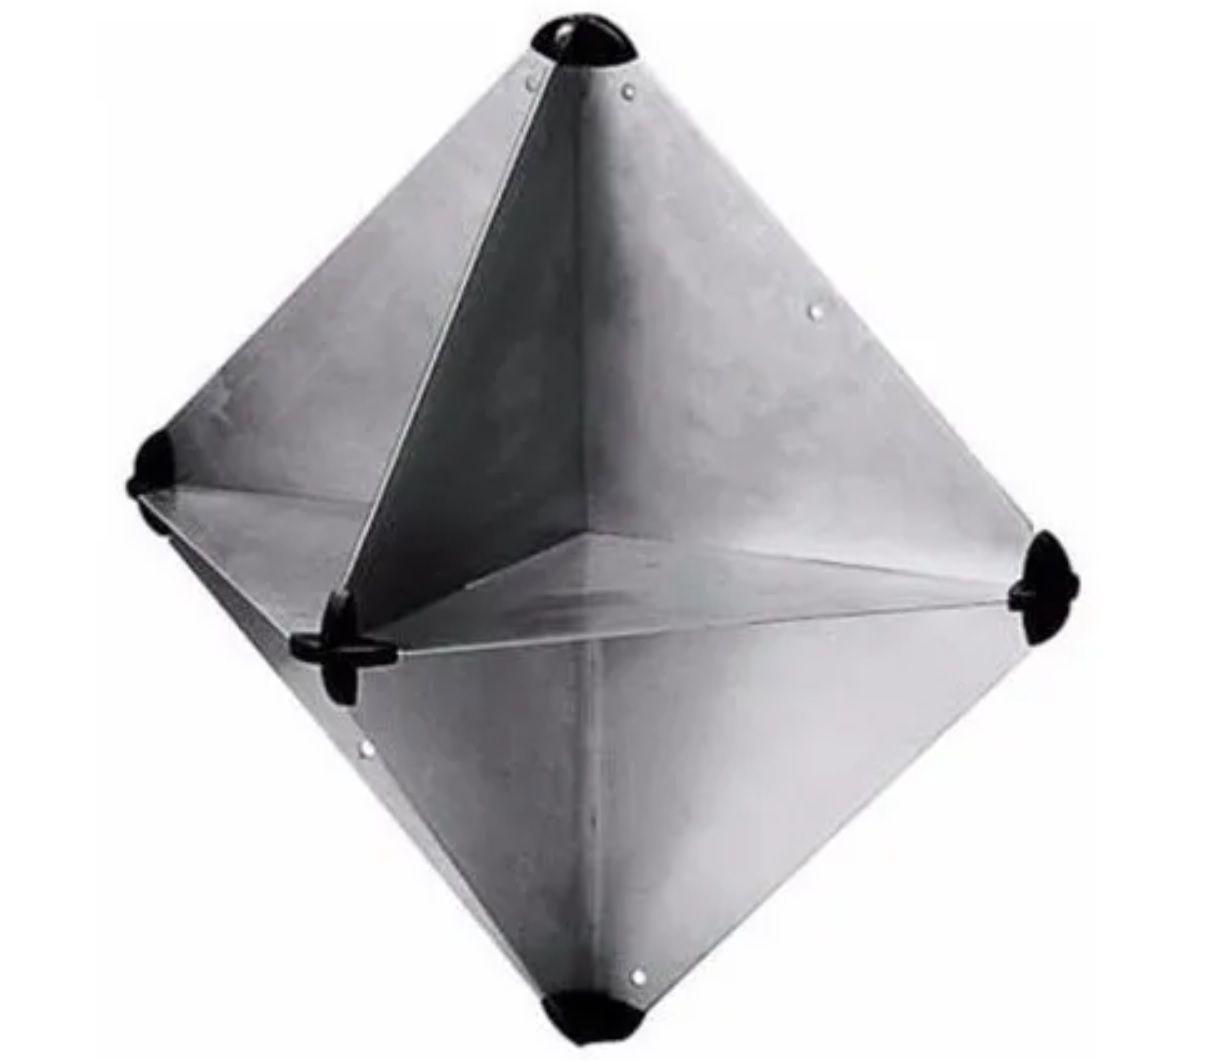 Defletor (Refletor) de Radar em Alumínio para Barcos, Lanchas e Veleiros